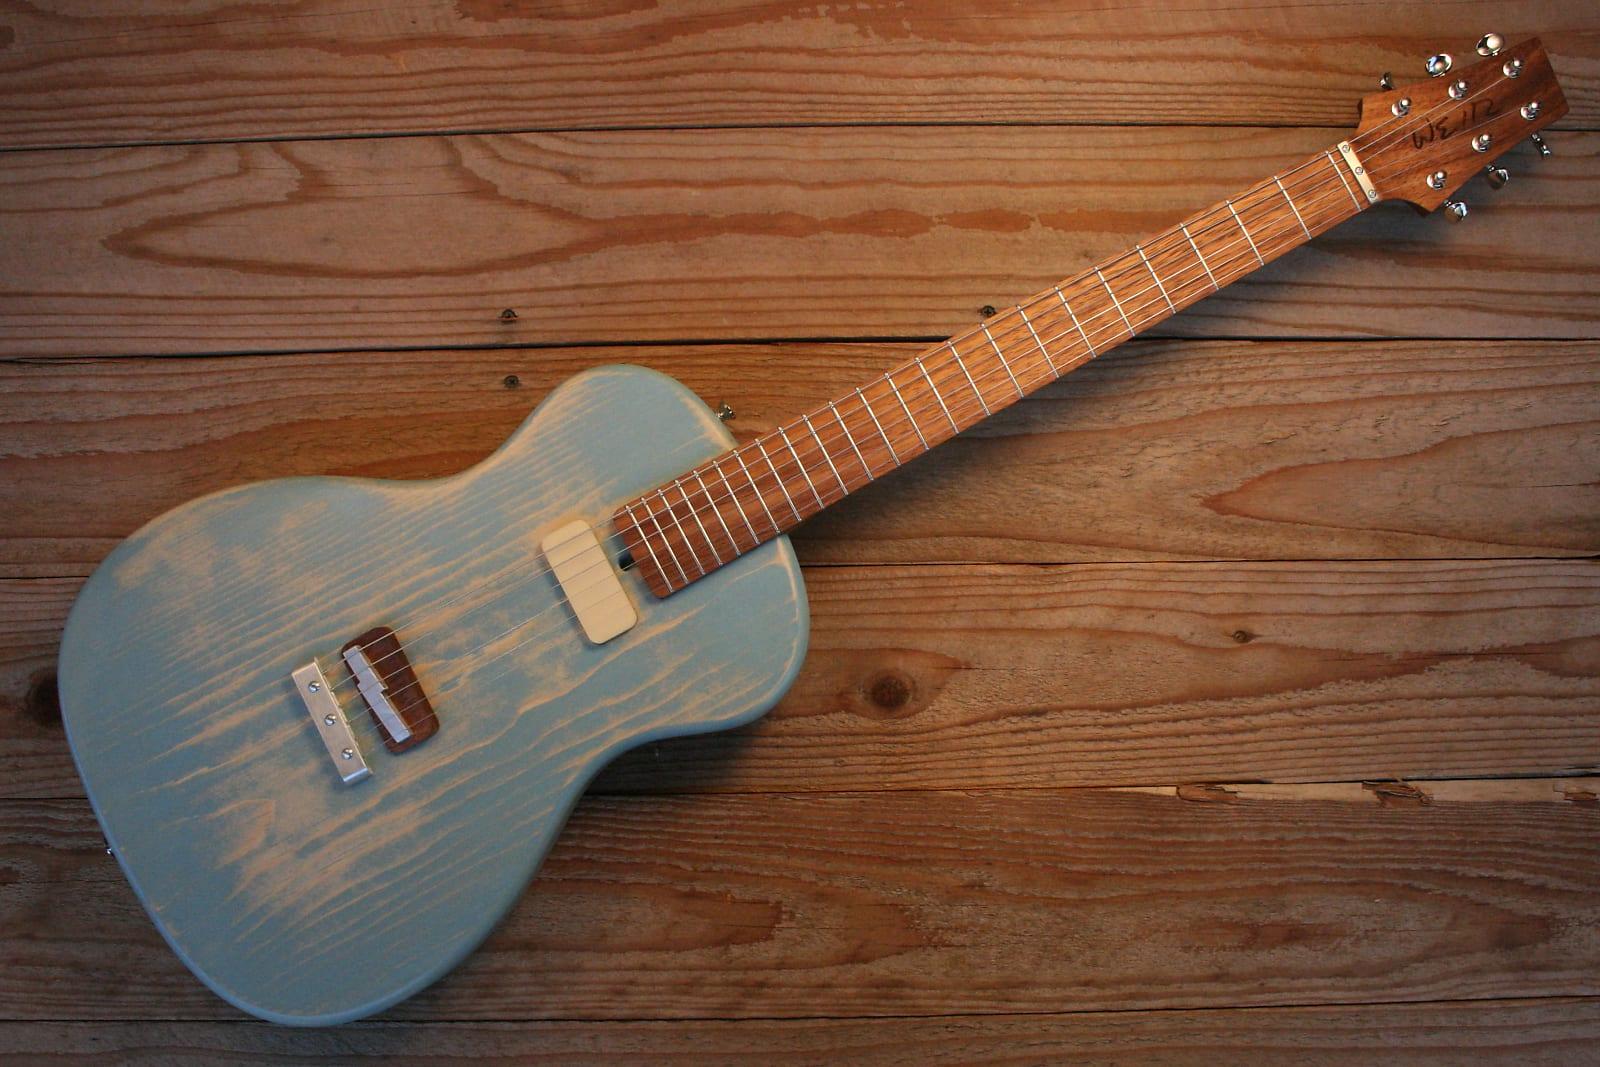 Weir Guitar